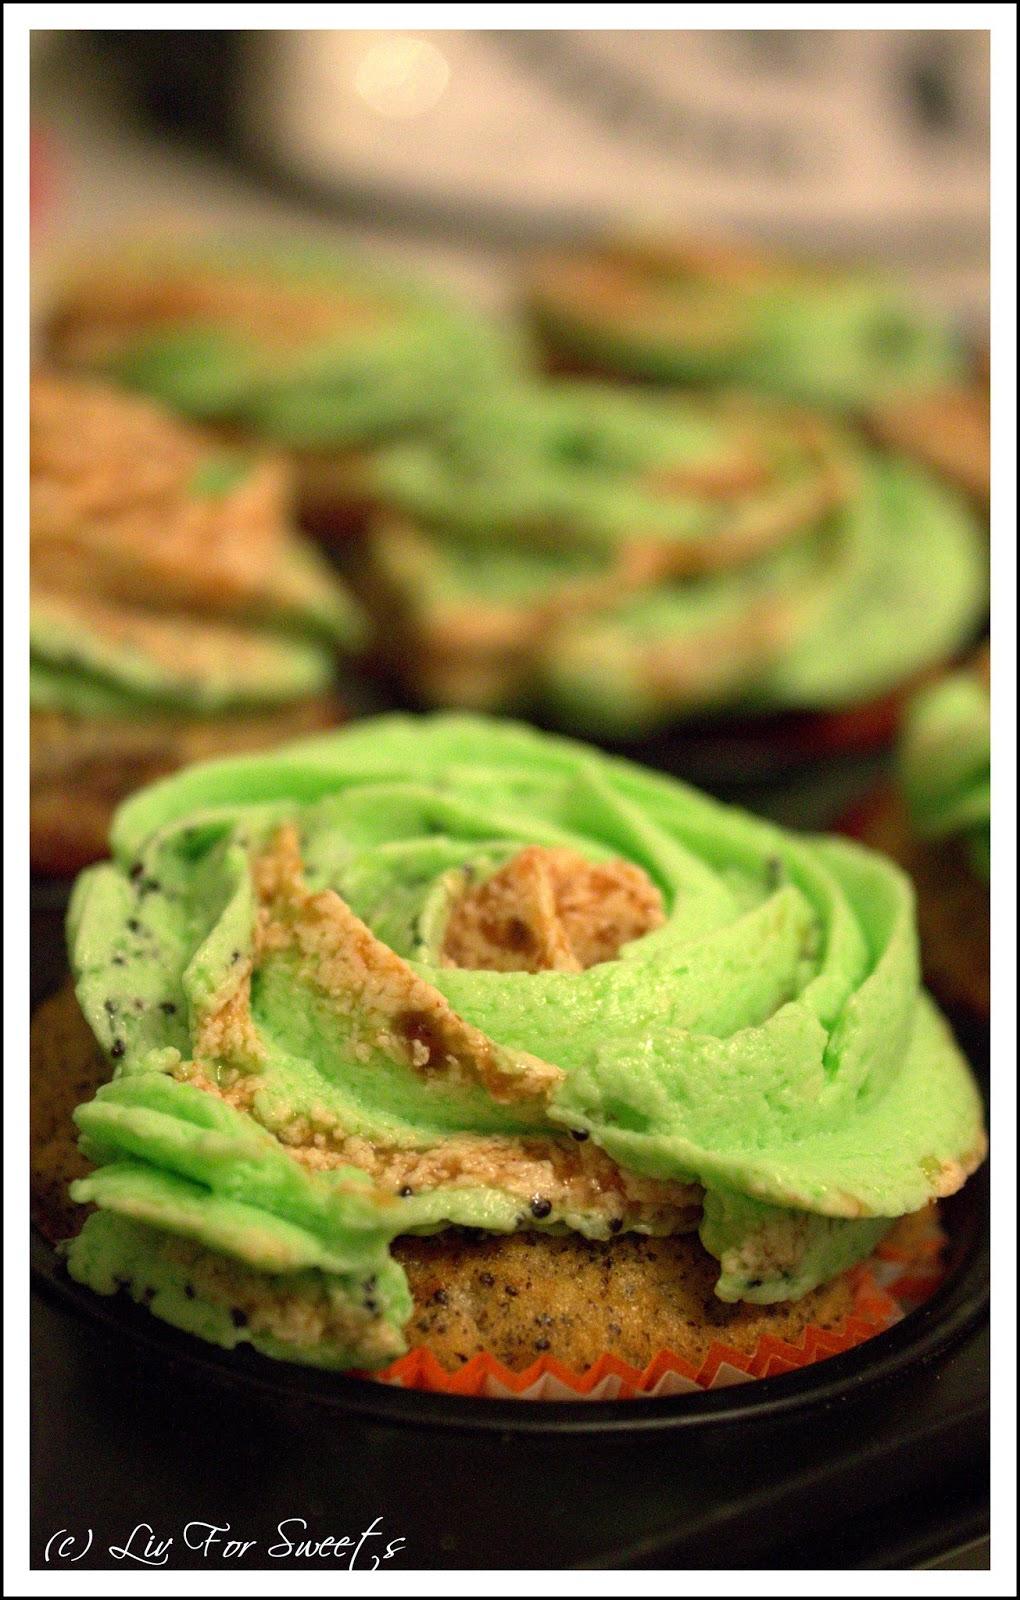 Mohn-Cupcakes mit einer Füllung aus Pflaumenmus und einem Pudding-Buttercreme-Frosting mit Mohn und Pflaumenmus, Halloween, Rezept, Thermomix